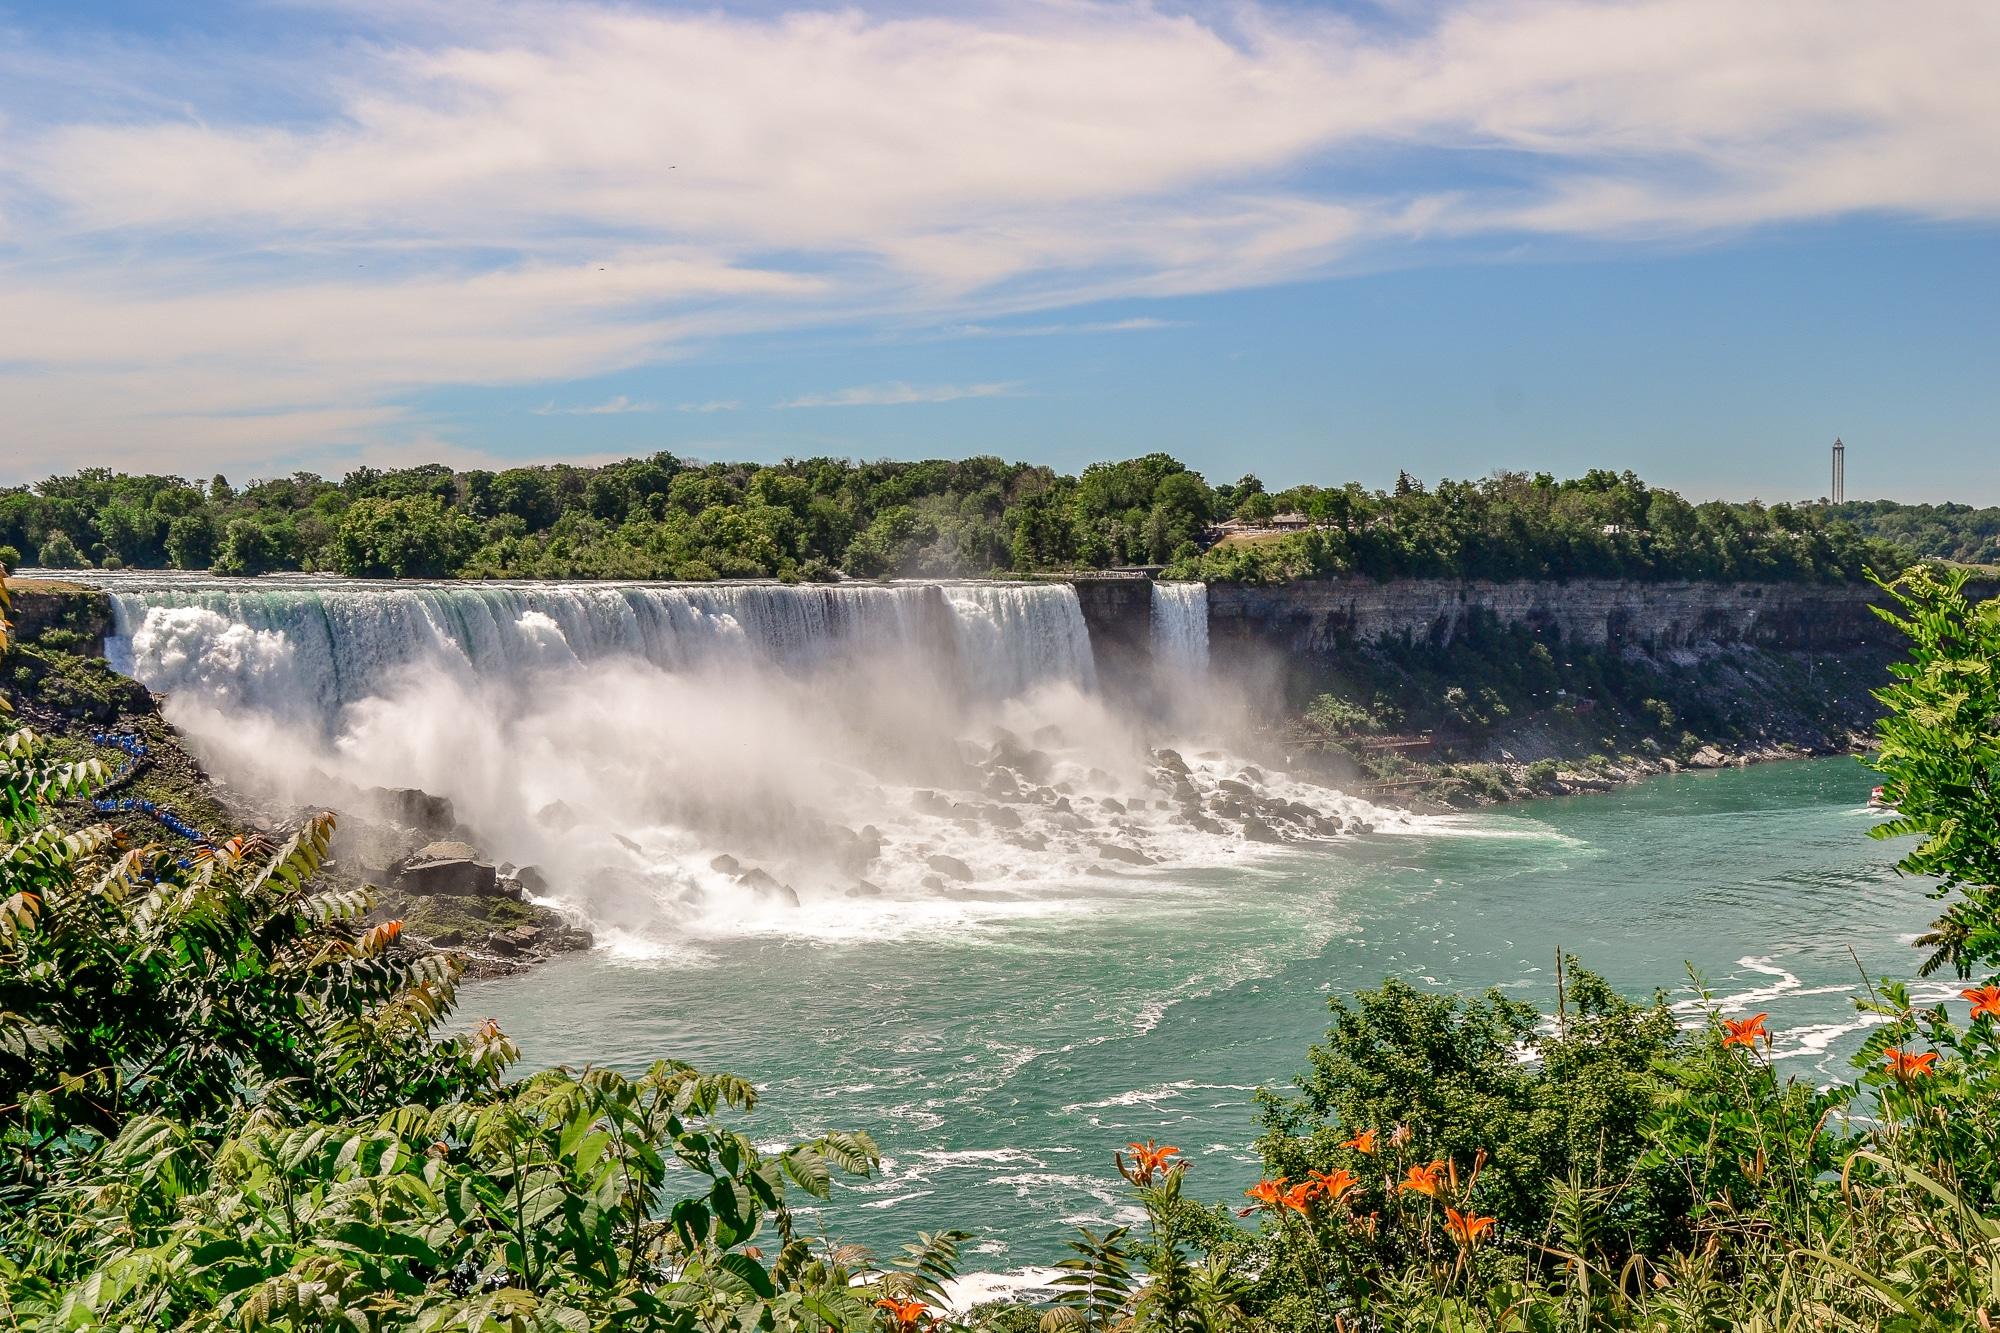 Niagarafälle in Ontario, Toronto, Niagara Falls